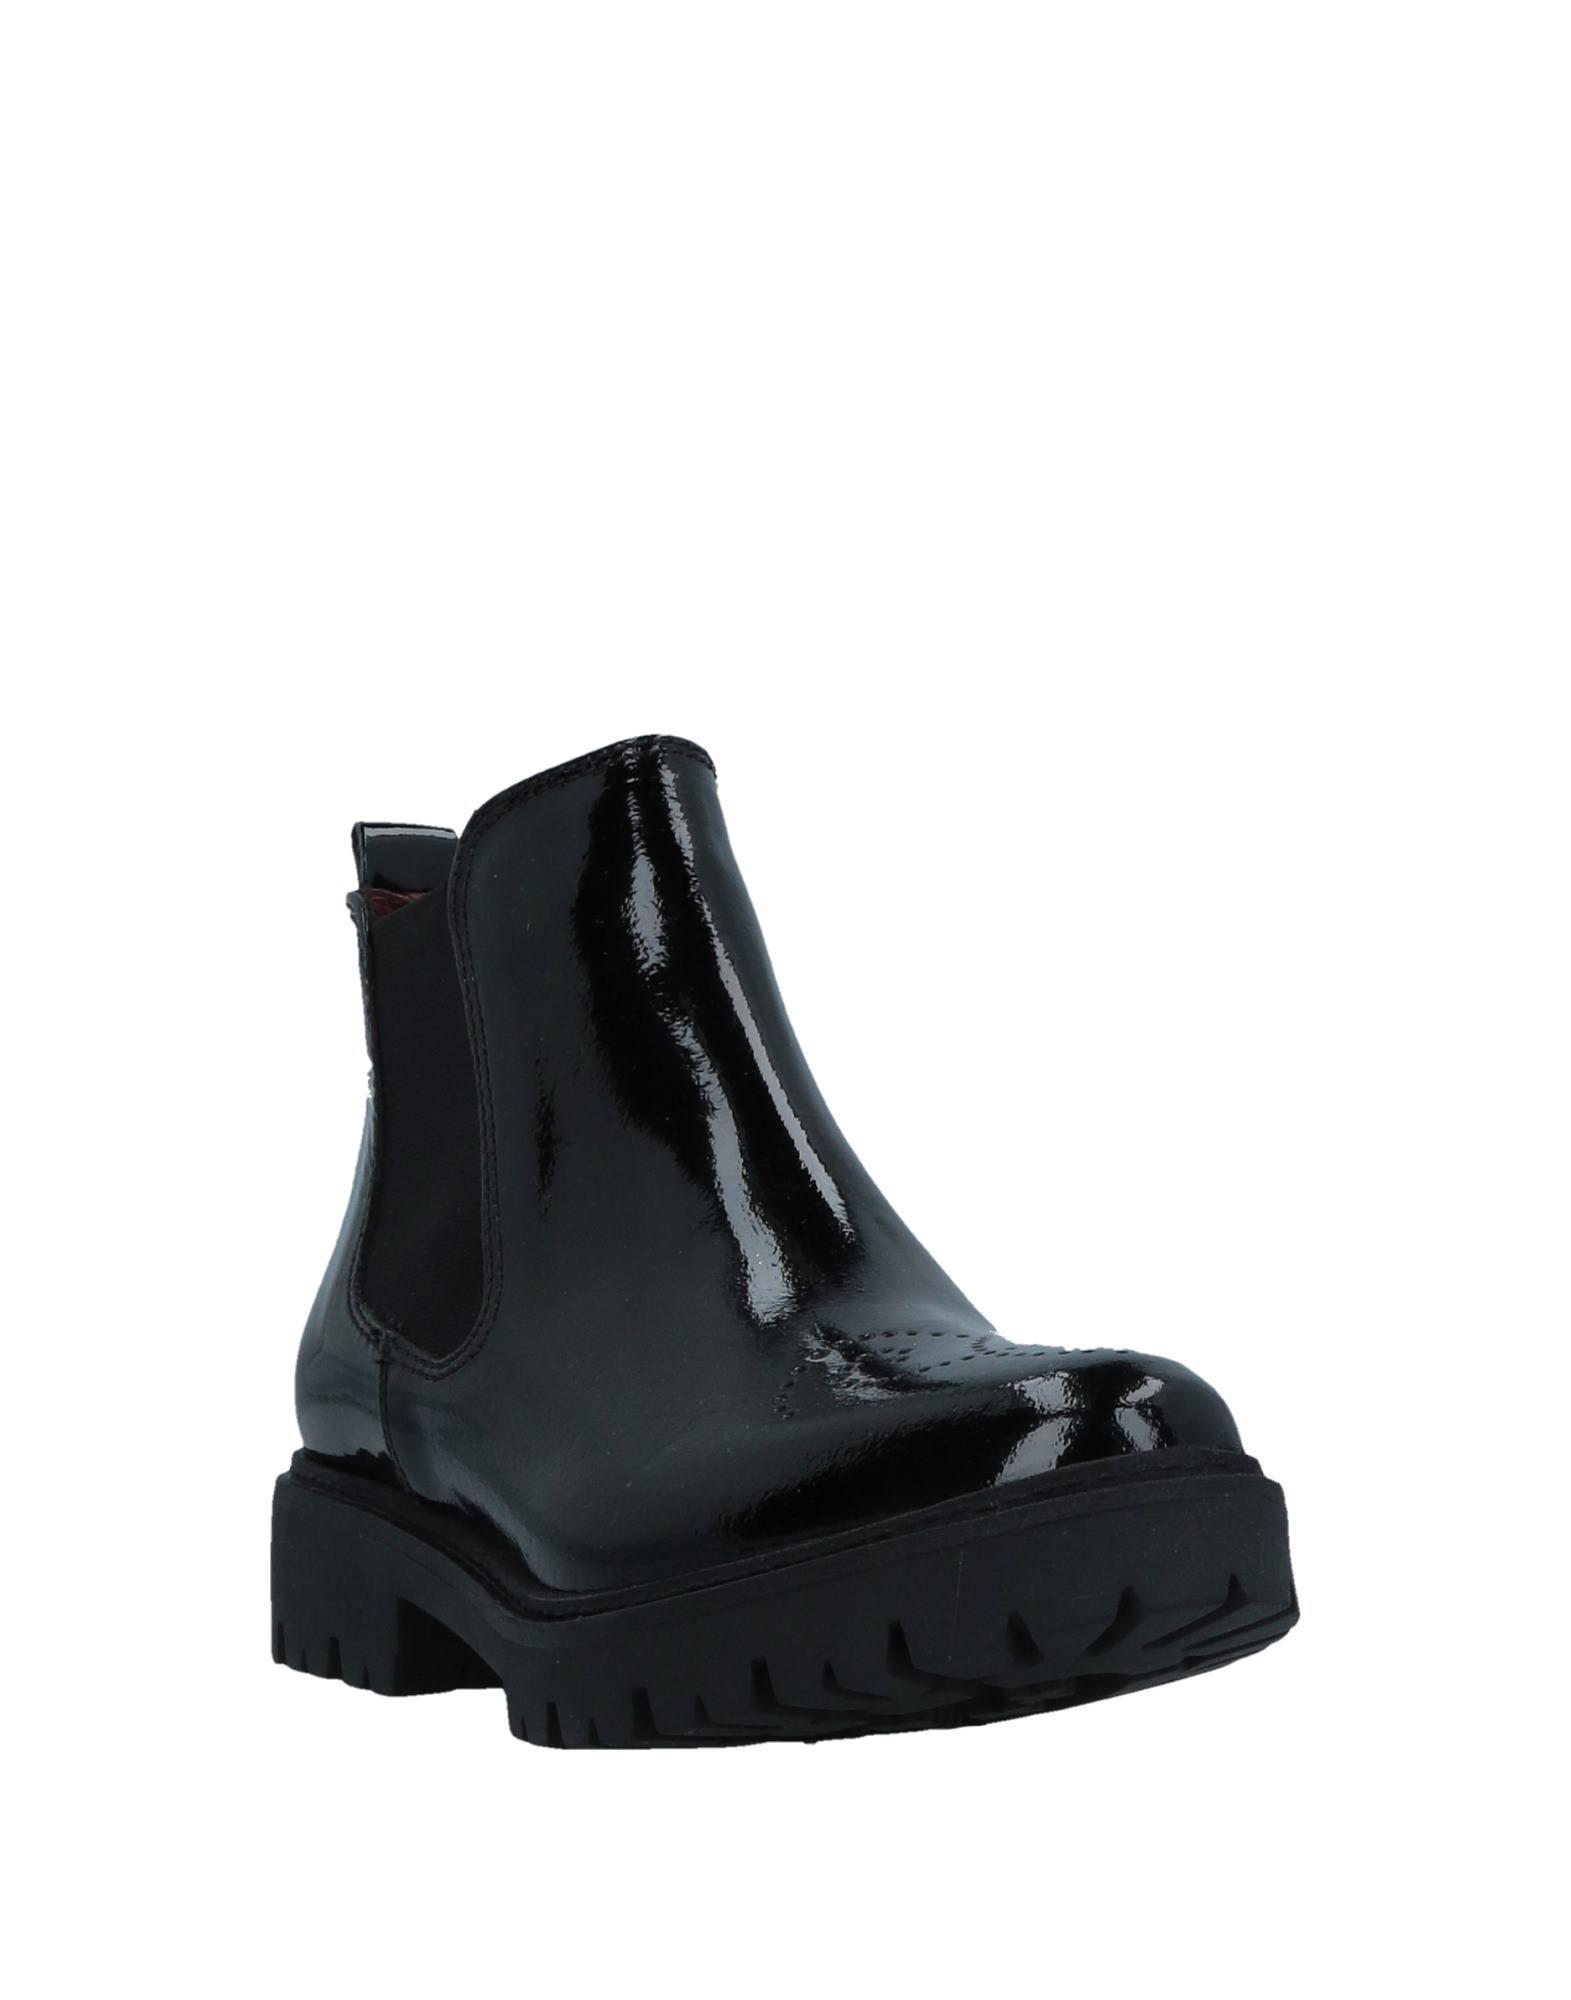 Pelledoca Chelsea Boots Damen sich,Sonderangebot-4120 Gutes Preis-Leistungs-Verhältnis, es lohnt sich,Sonderangebot-4120 Damen b37b9c